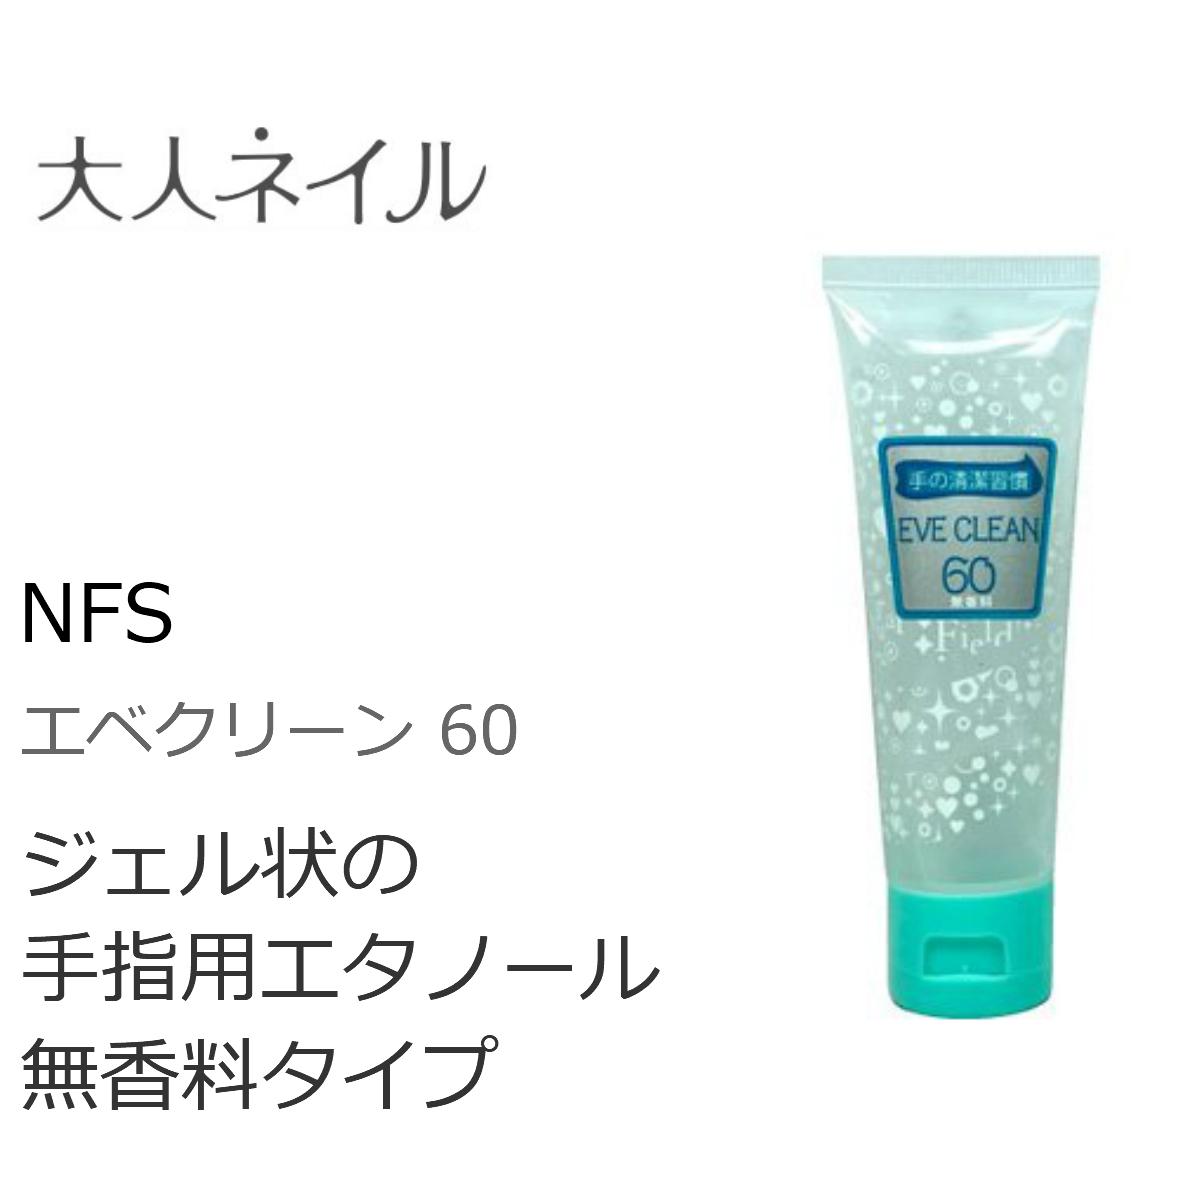 NFS エベクリーン 60 12ml 水なし アルコール洗浄 エタノール 無香料 潤い 乾燥 コンパクト 持ち運び便利